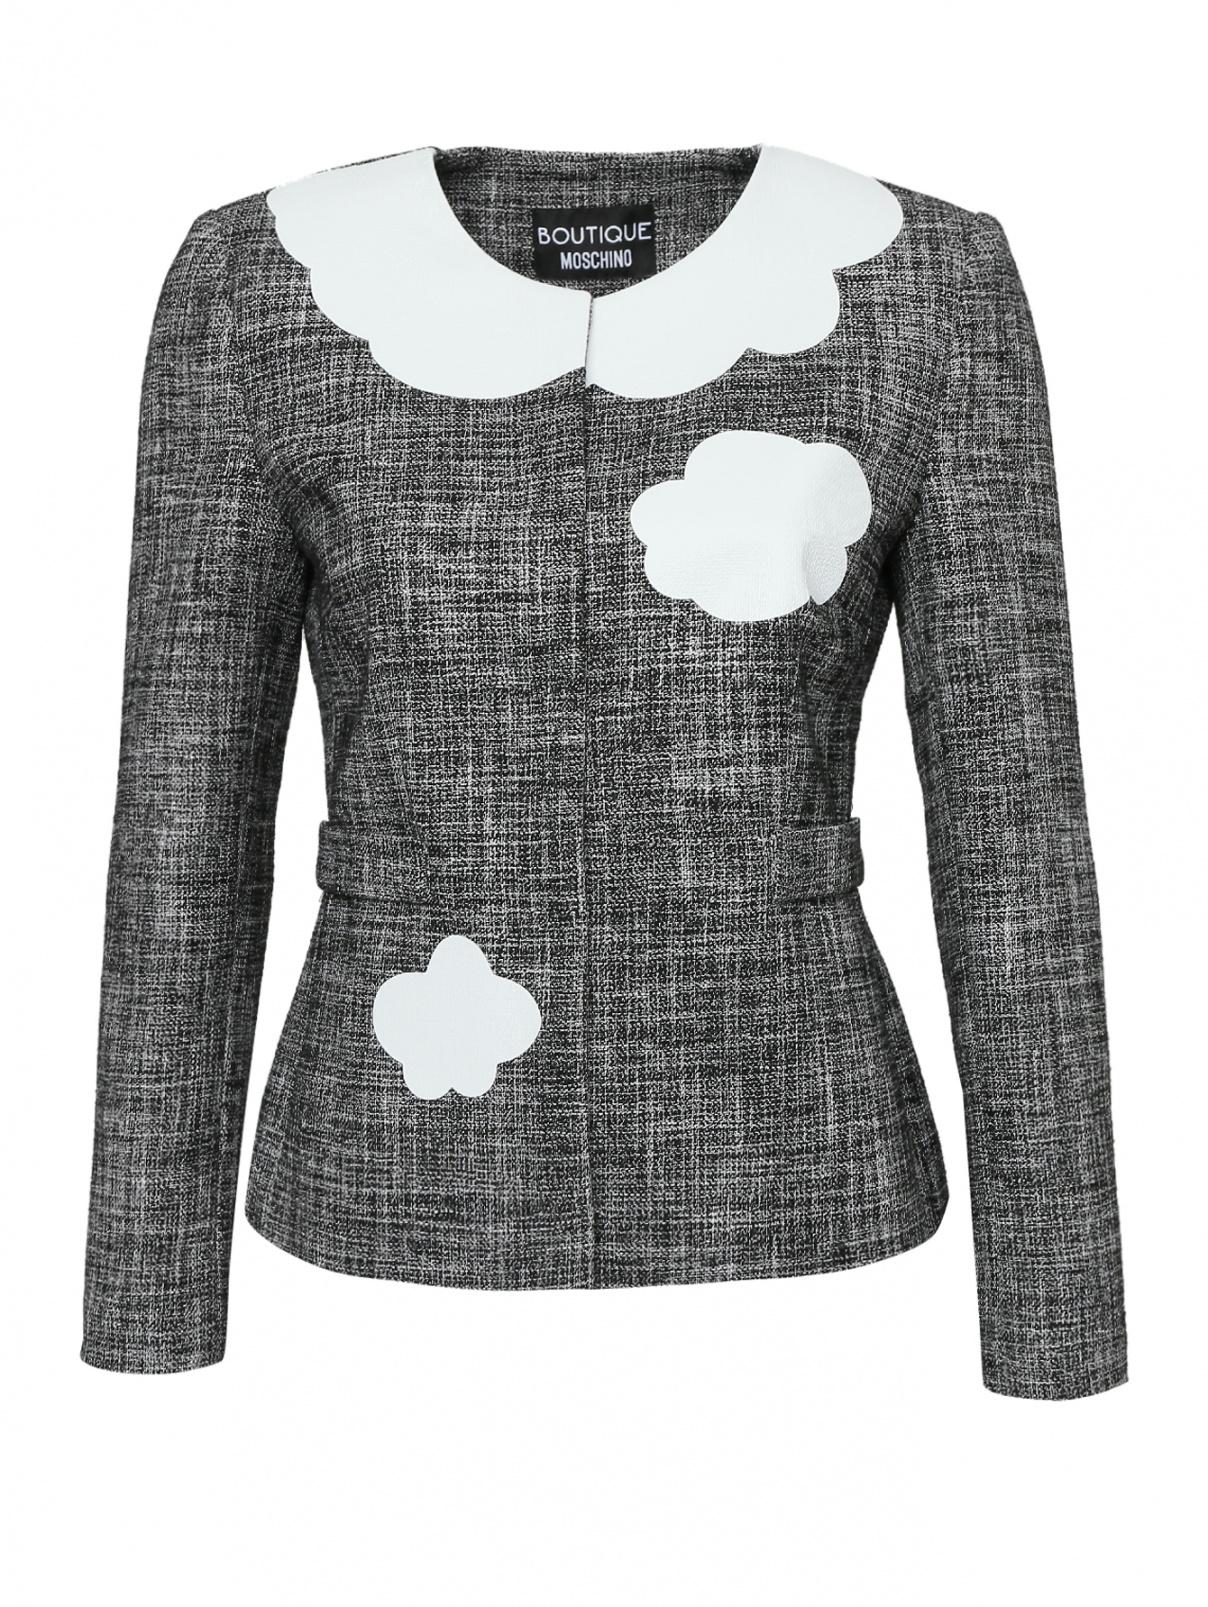 Жакет на кнопках из хлопка, с принтом Moschino Boutique  –  Общий вид